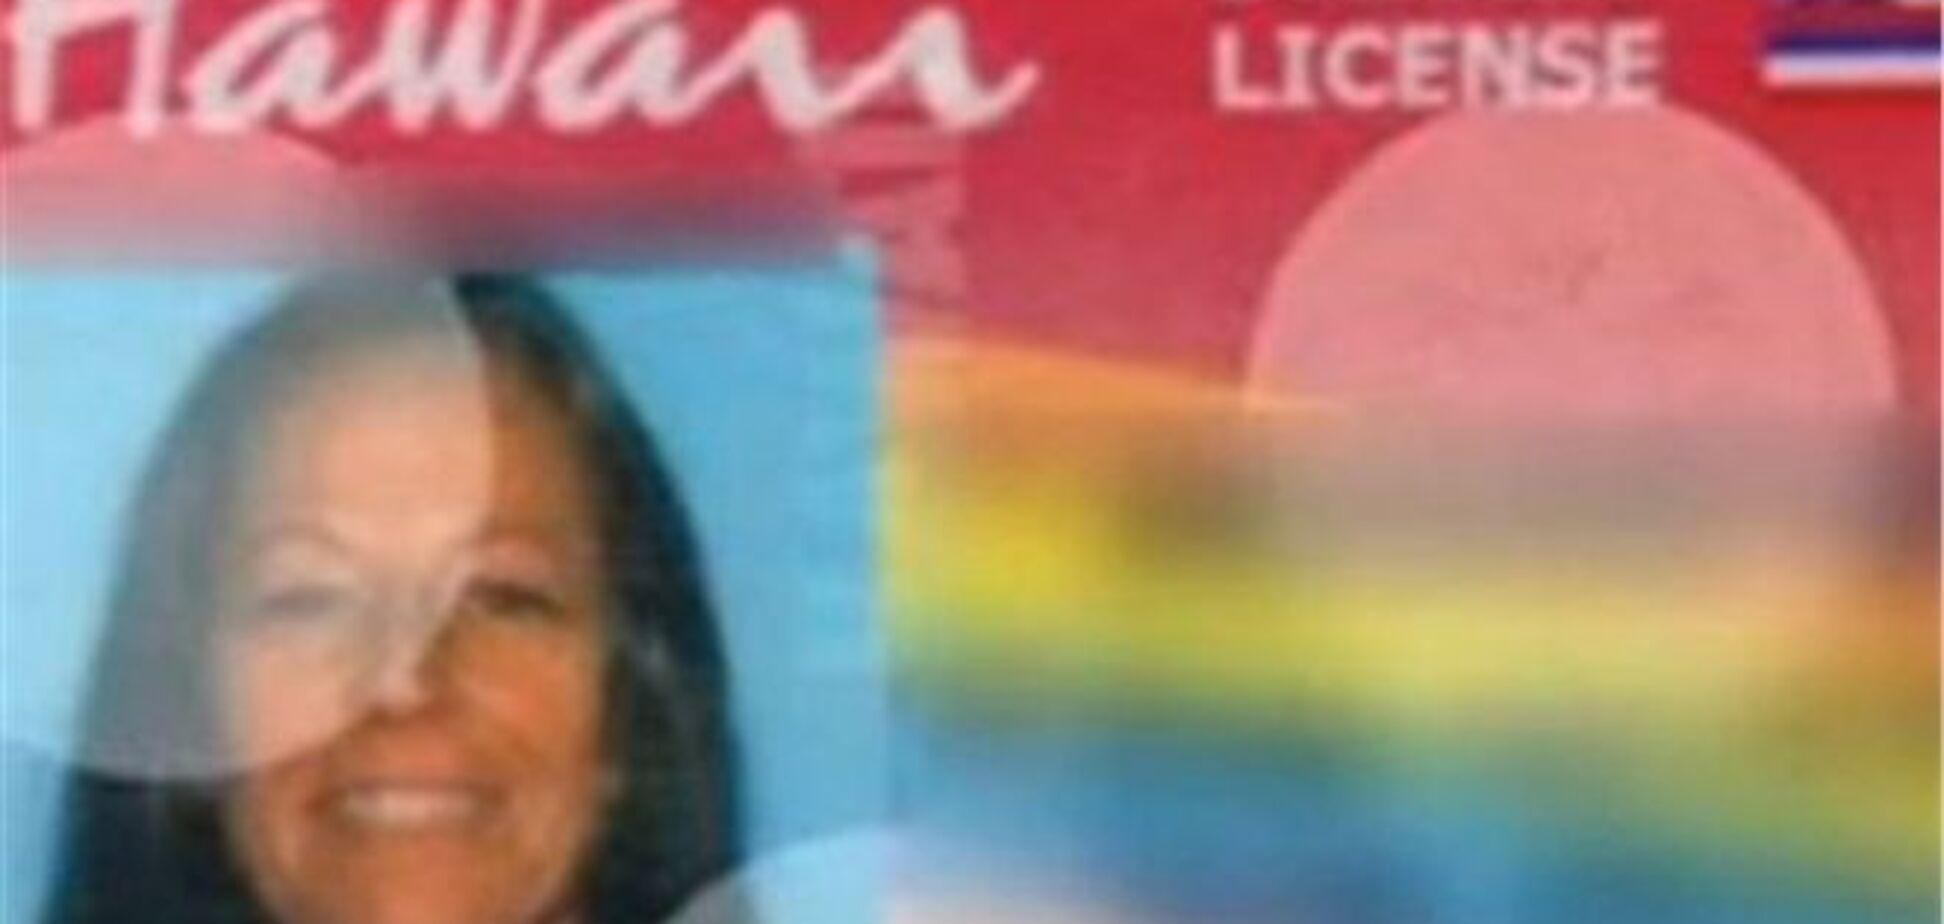 Жінку попросили скоротити прізвище, що складається з 35 букв